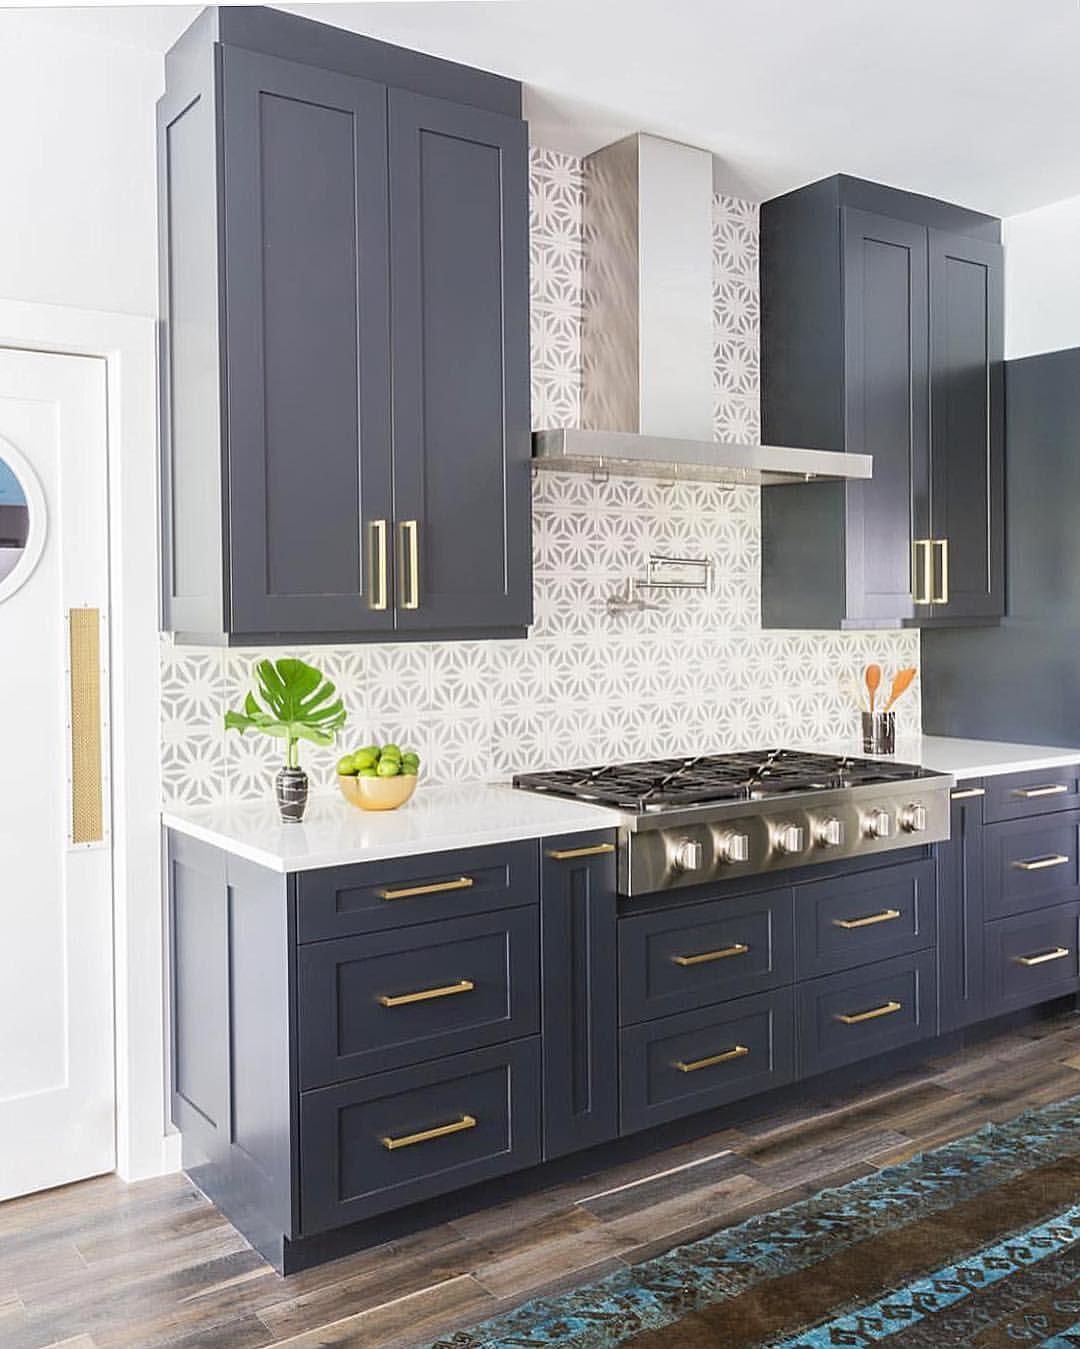 Kitchen No Backsplash: 21 Splashy Kitchen Backsplashes 21 Photos. Kitchen